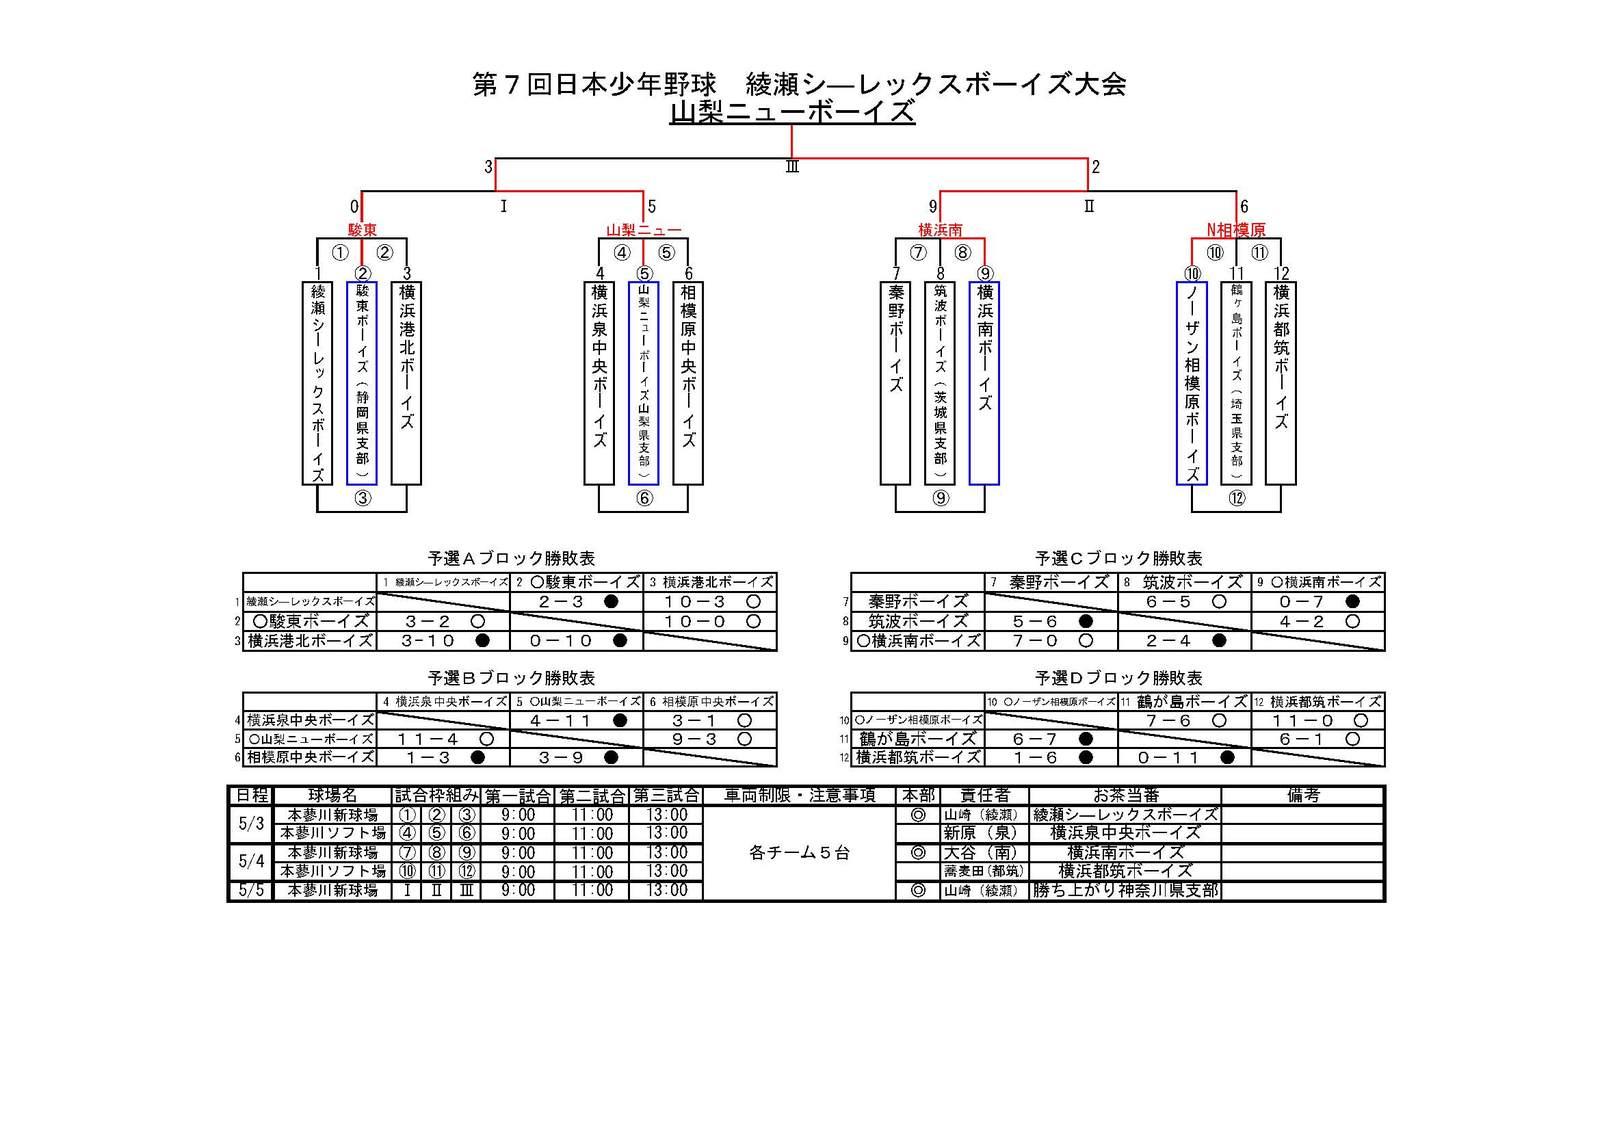 2011_ayasesealex_result_2